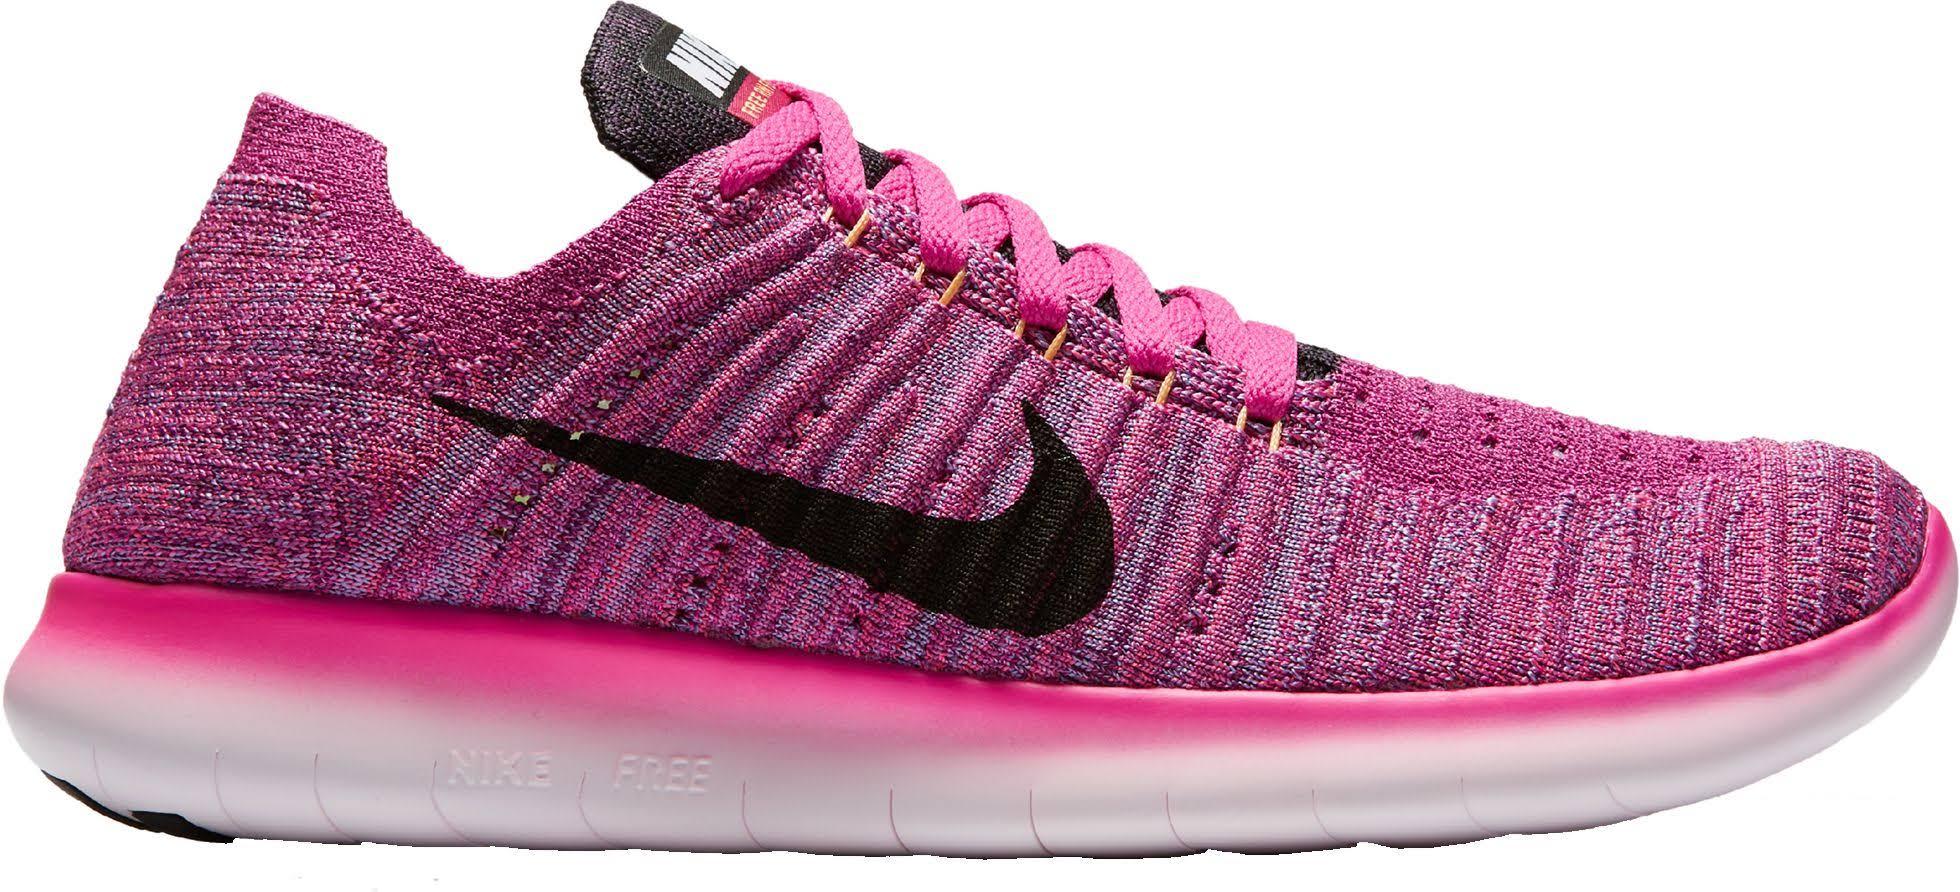 Free Rn Flyknit Pre Atletico Da Allenamento Scarpe Donna 11m Taglia Nike Rosa tdrhQs